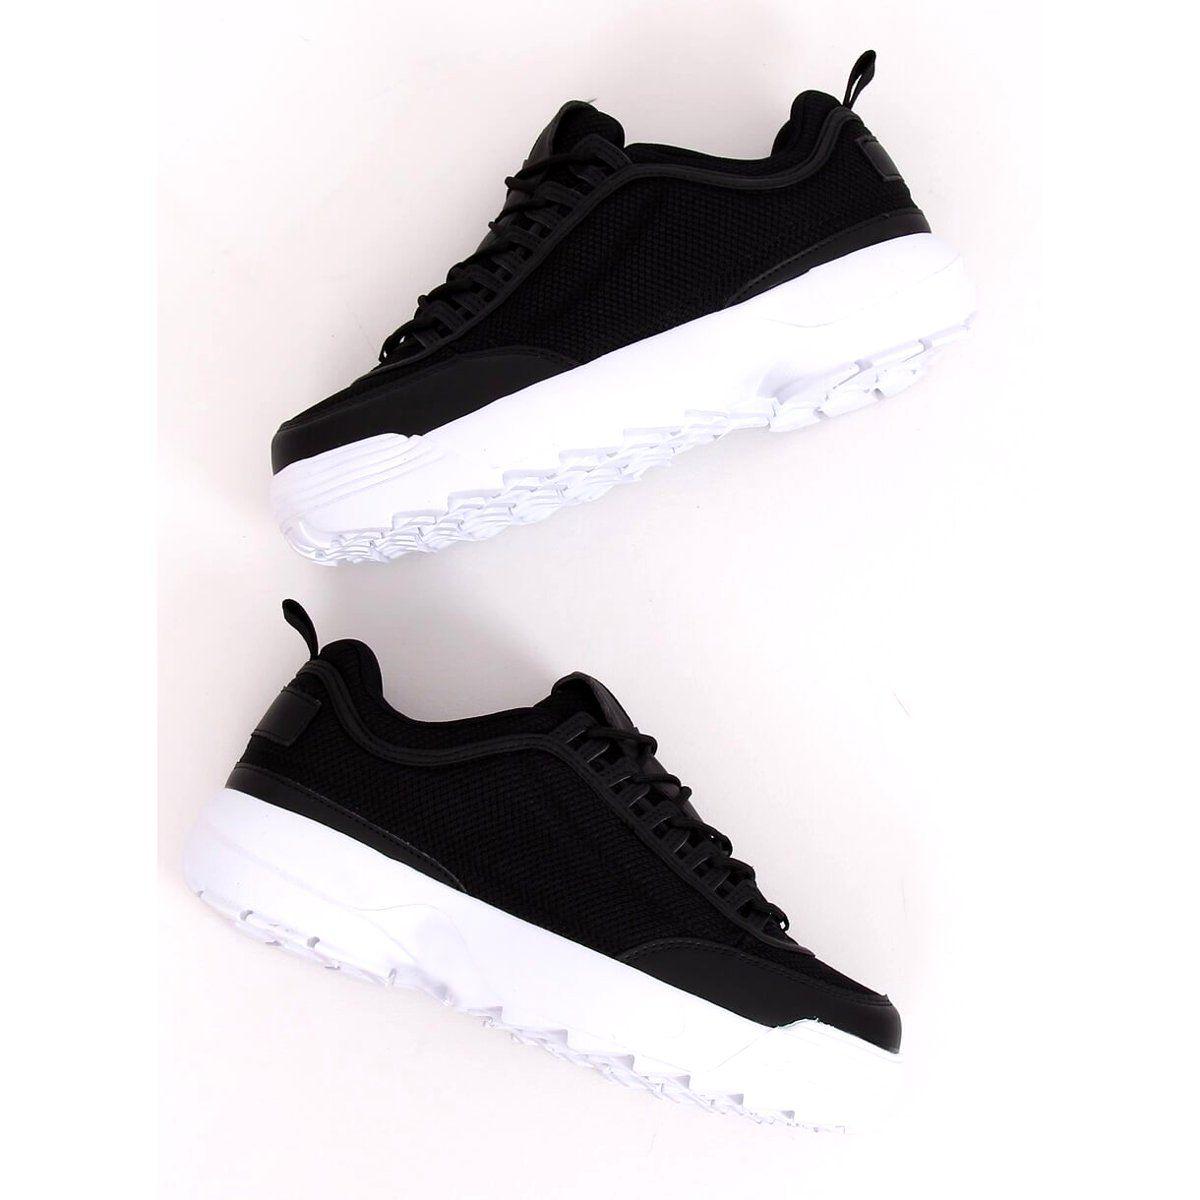 Trampki Damskie Butymodne Buty Sportowe Czarne Dsc82 Black Black Sports Shoes Sports Shoes Shoes